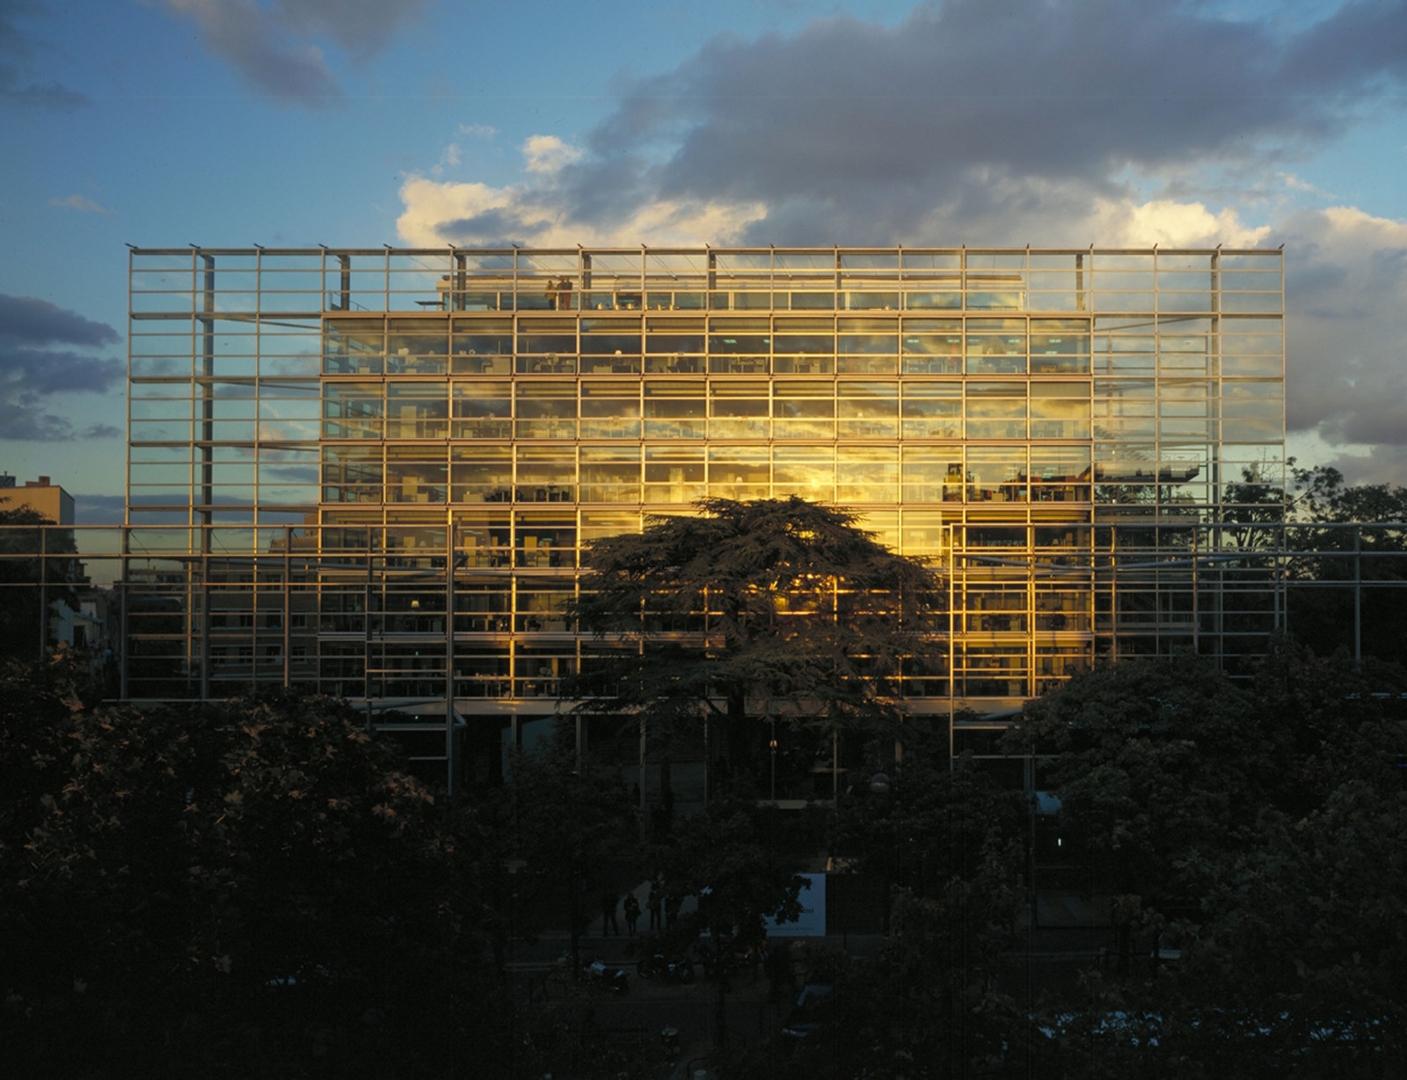 Fondation Cartier pour l'art contemporain, Paris, 1991-95 image